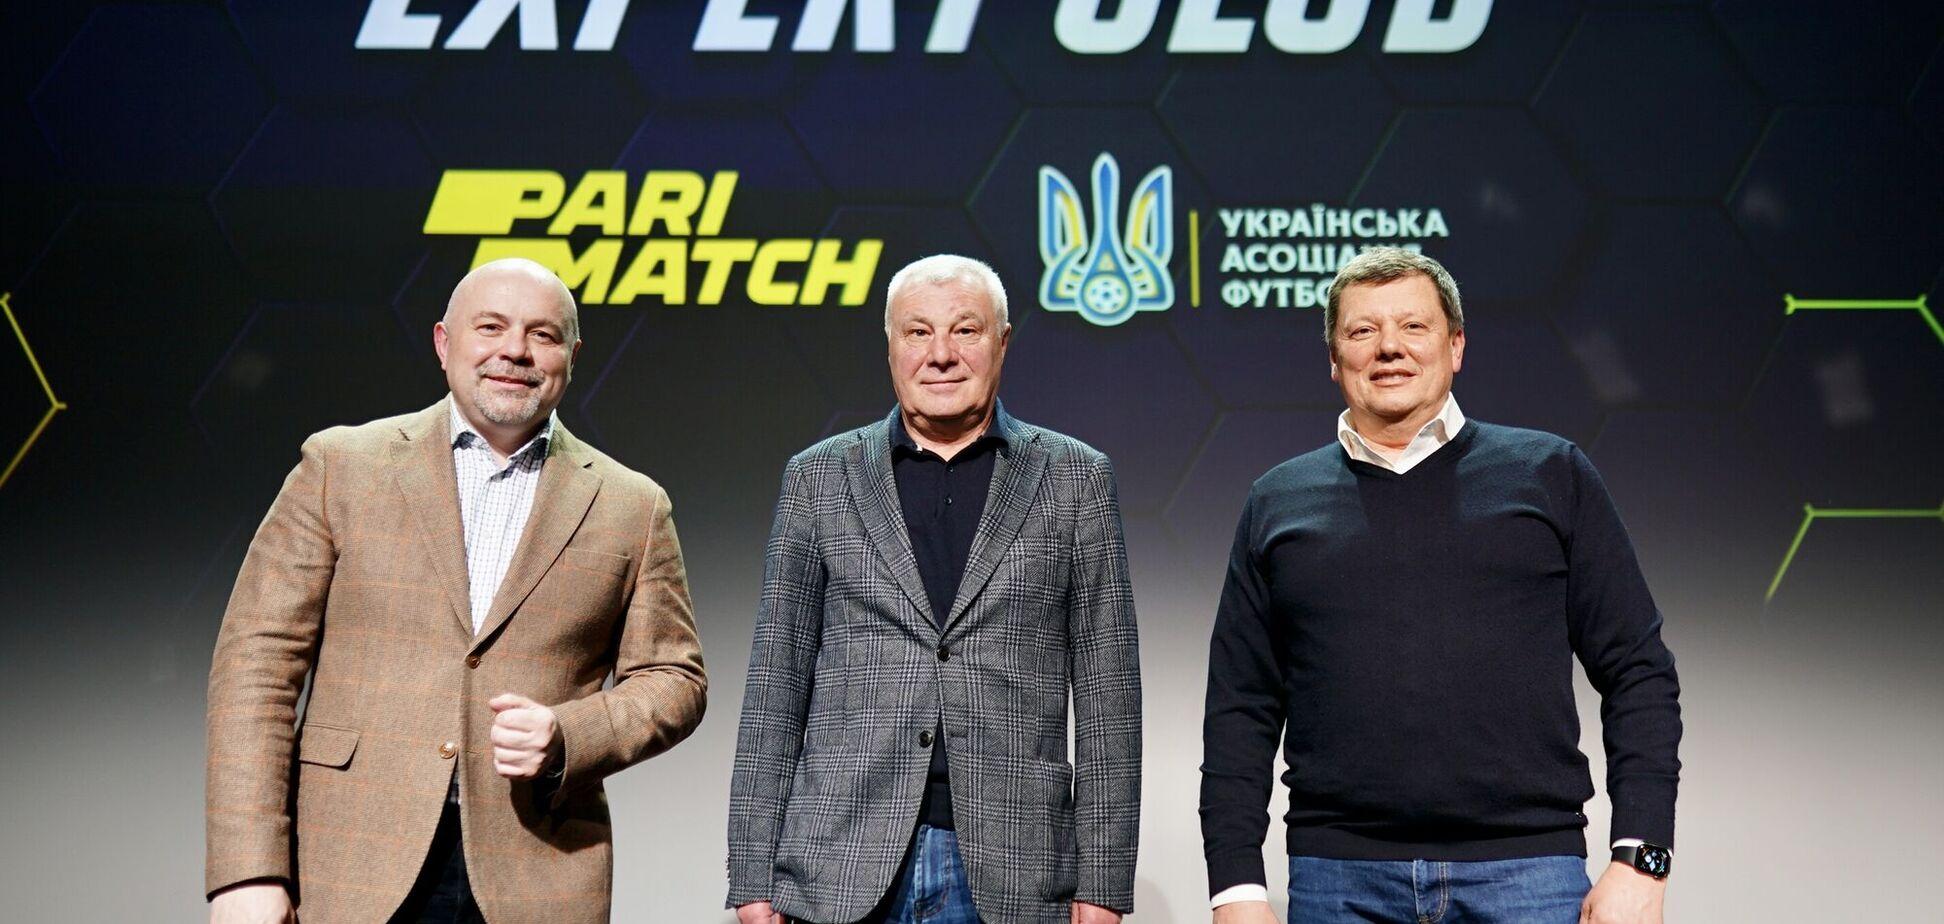 Expert club Parimatch обсудил темы старта сборной Украины в отборе ЧМ-2022 и подготовки к Евро-2020